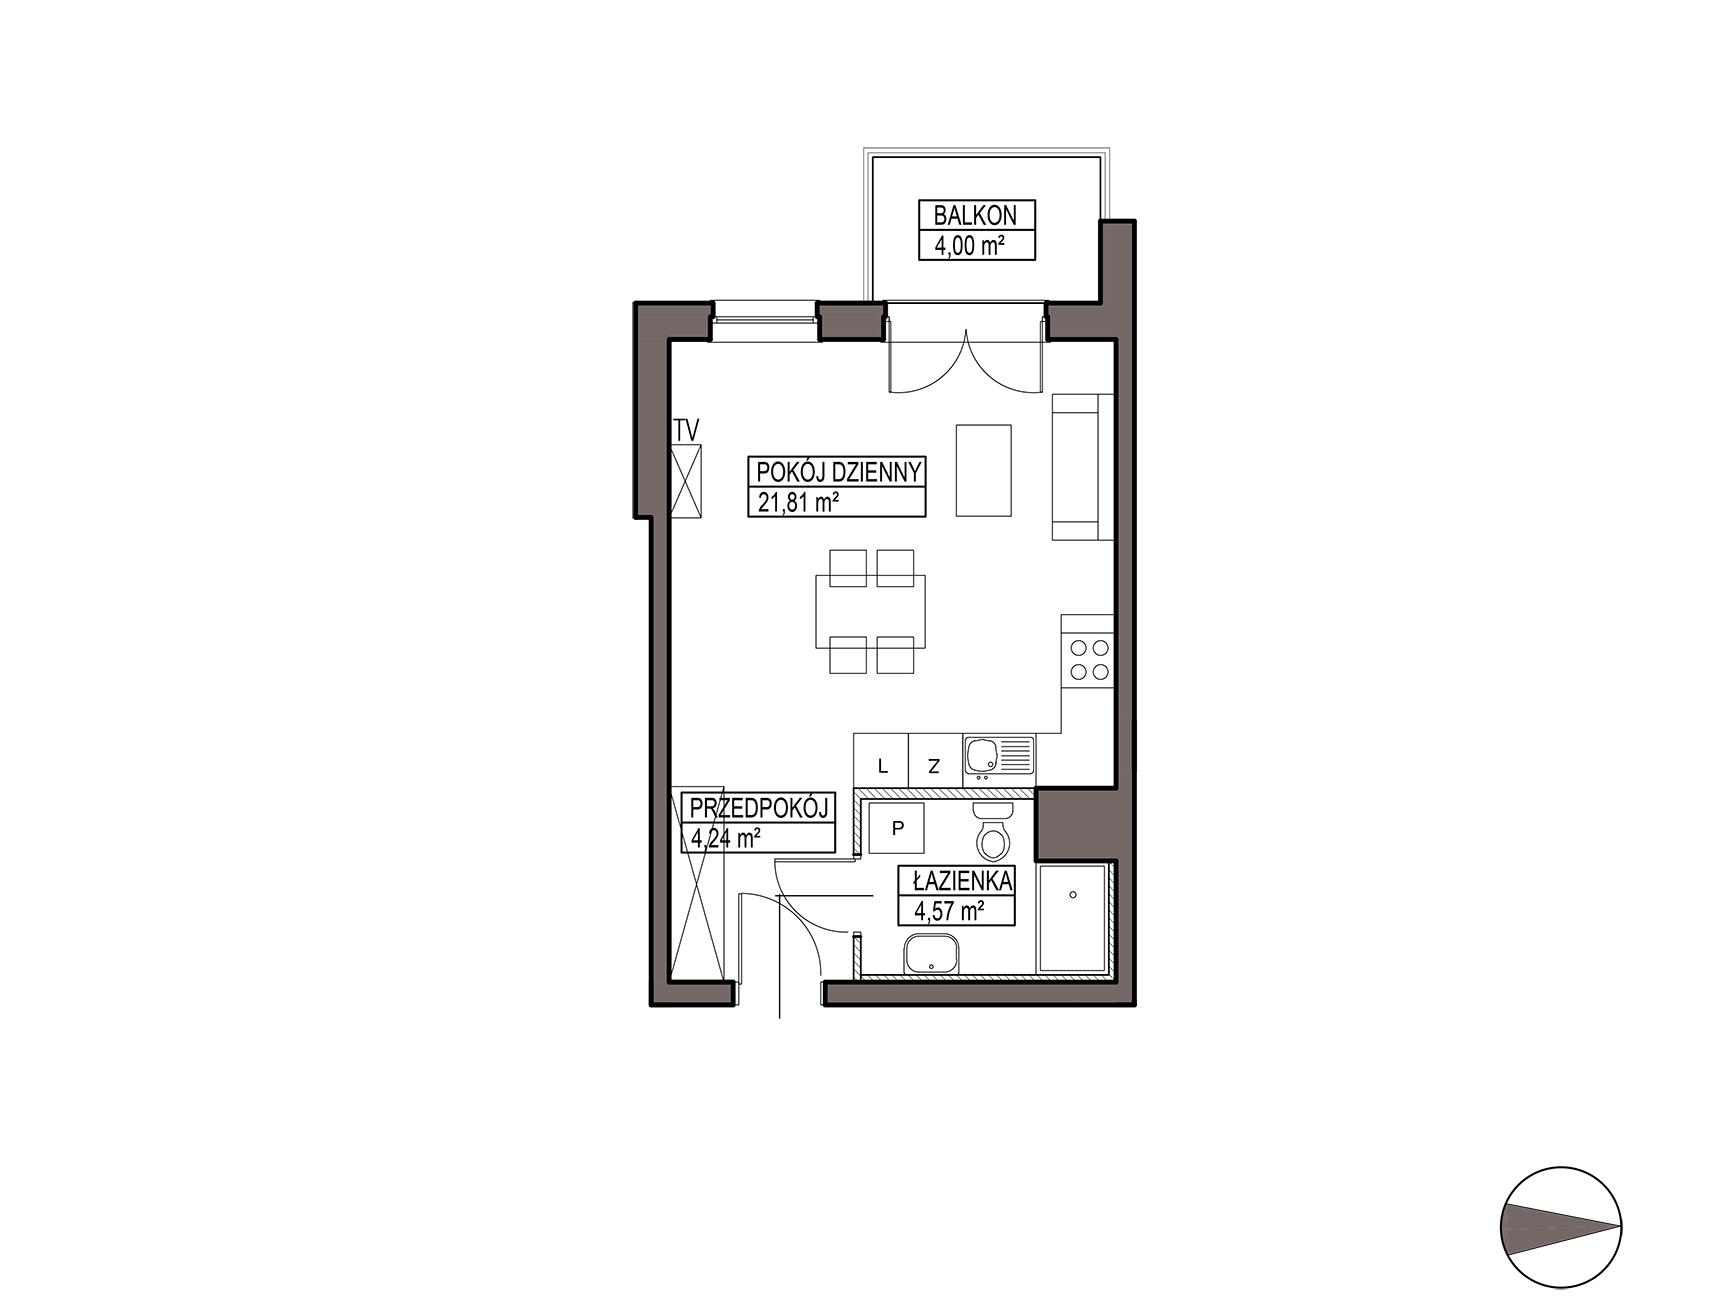 Uroczysko III / budynek 5 / mieszkanie G/3/52 rzut 1